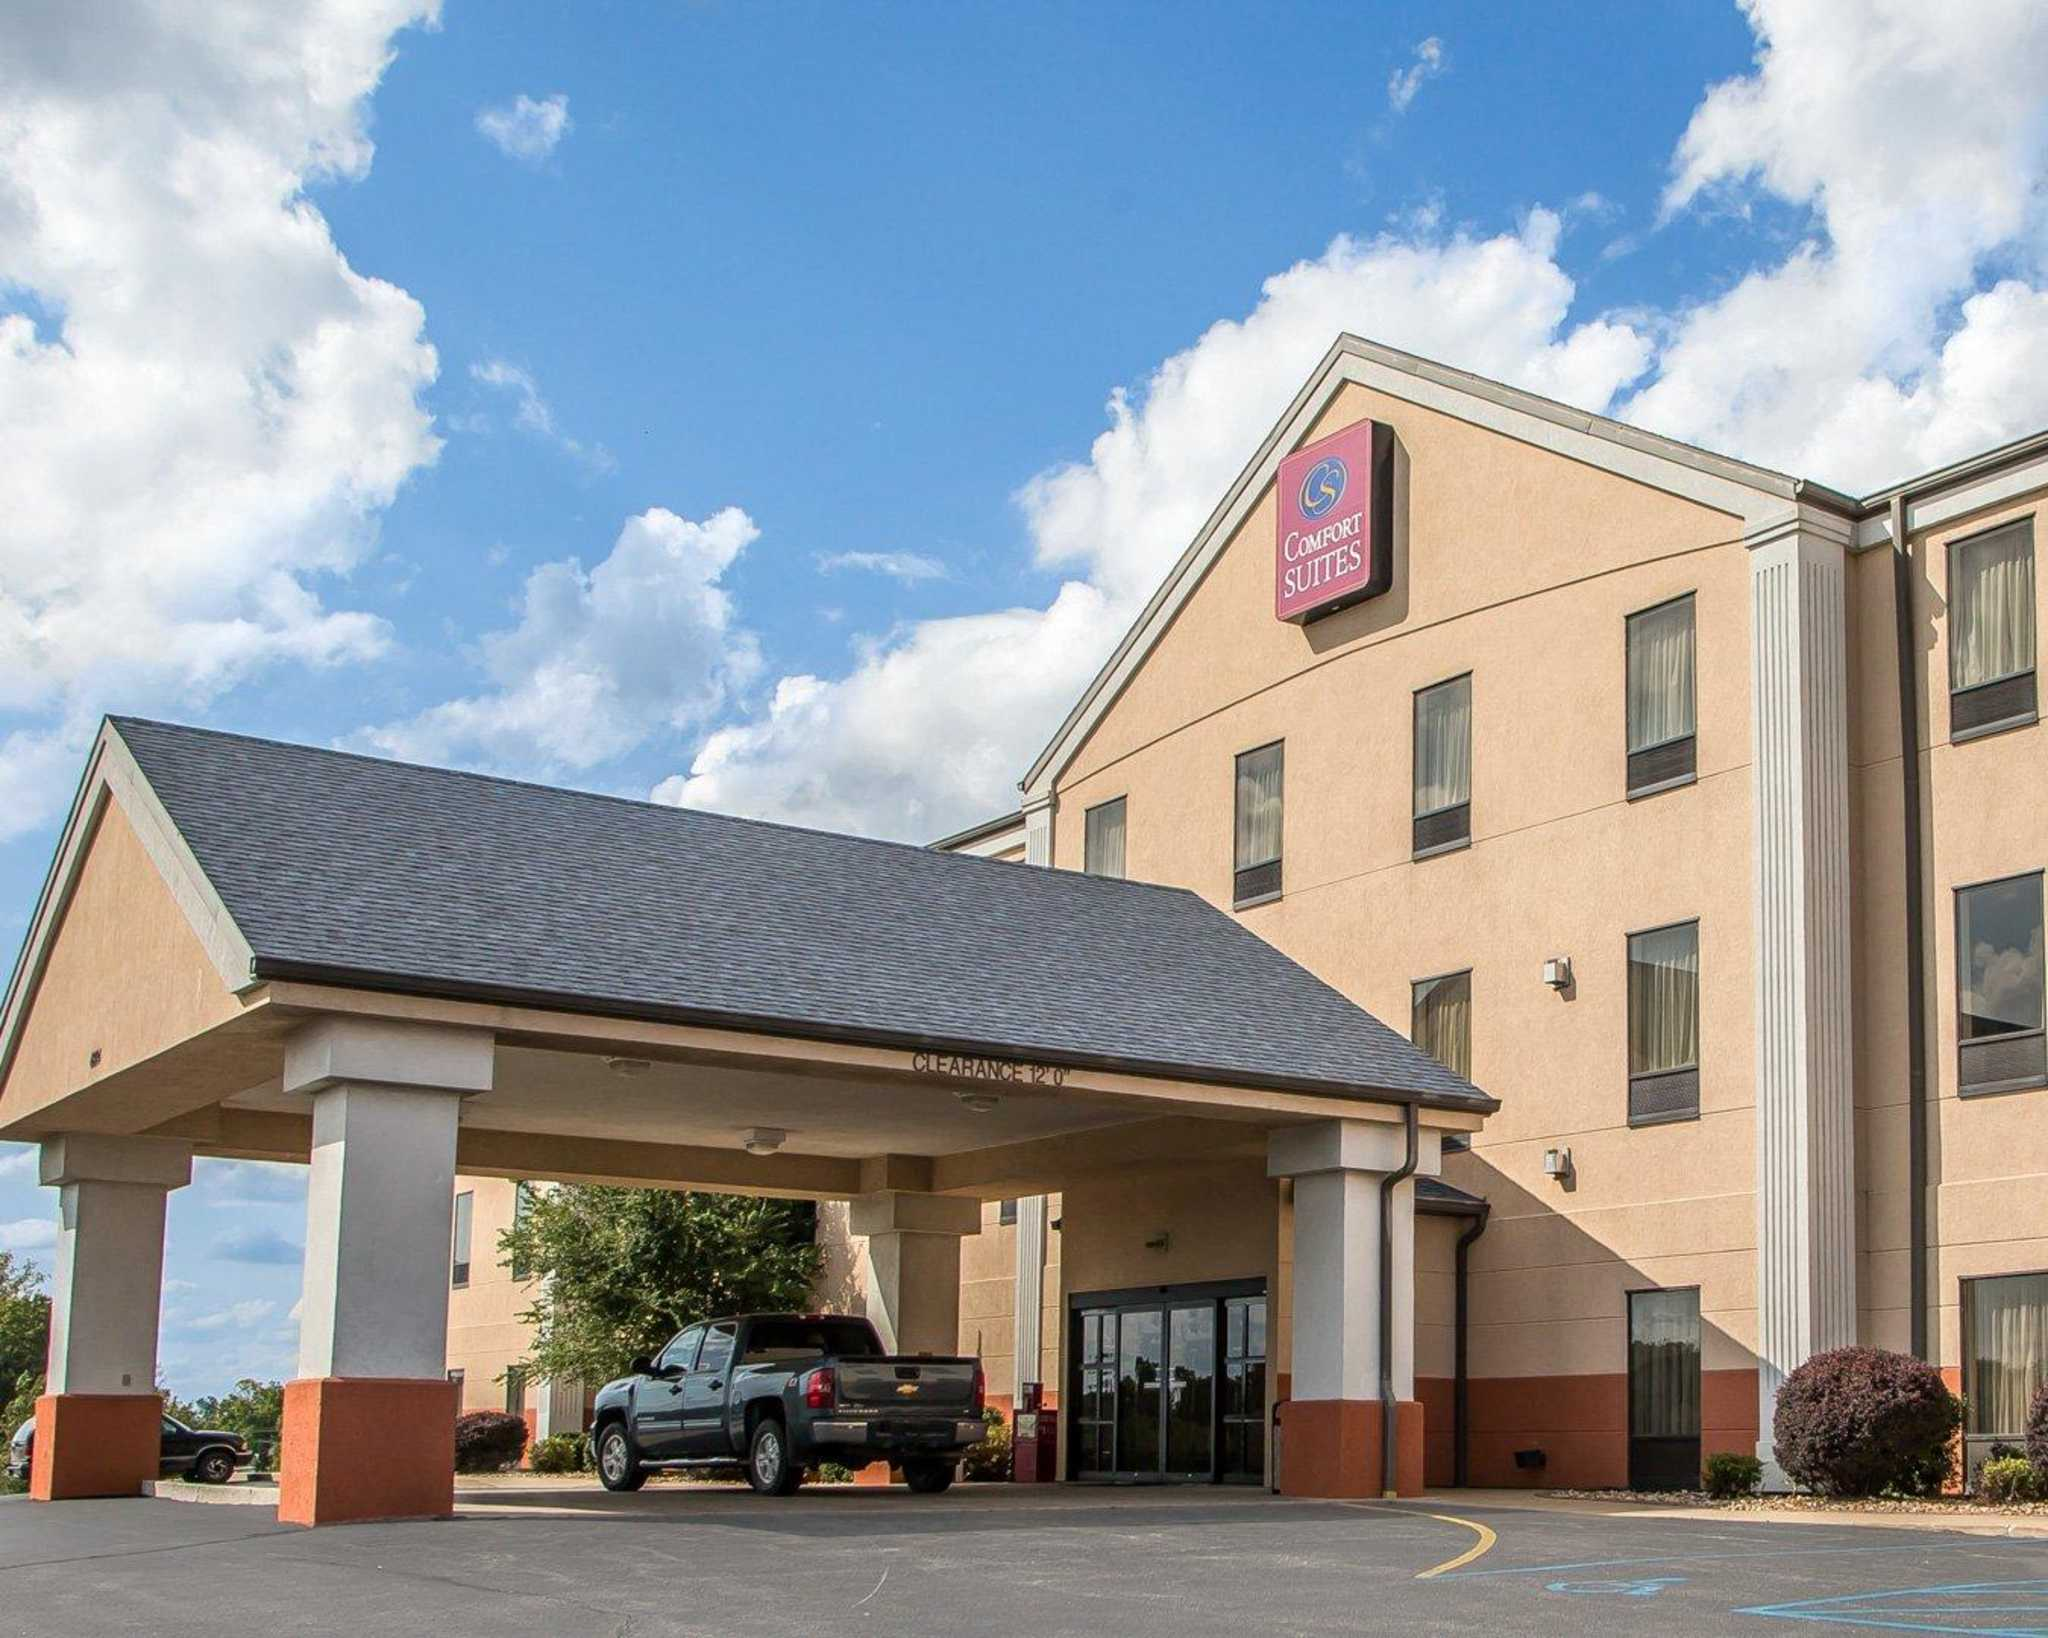 Comfort Suites Jefferson City image 0